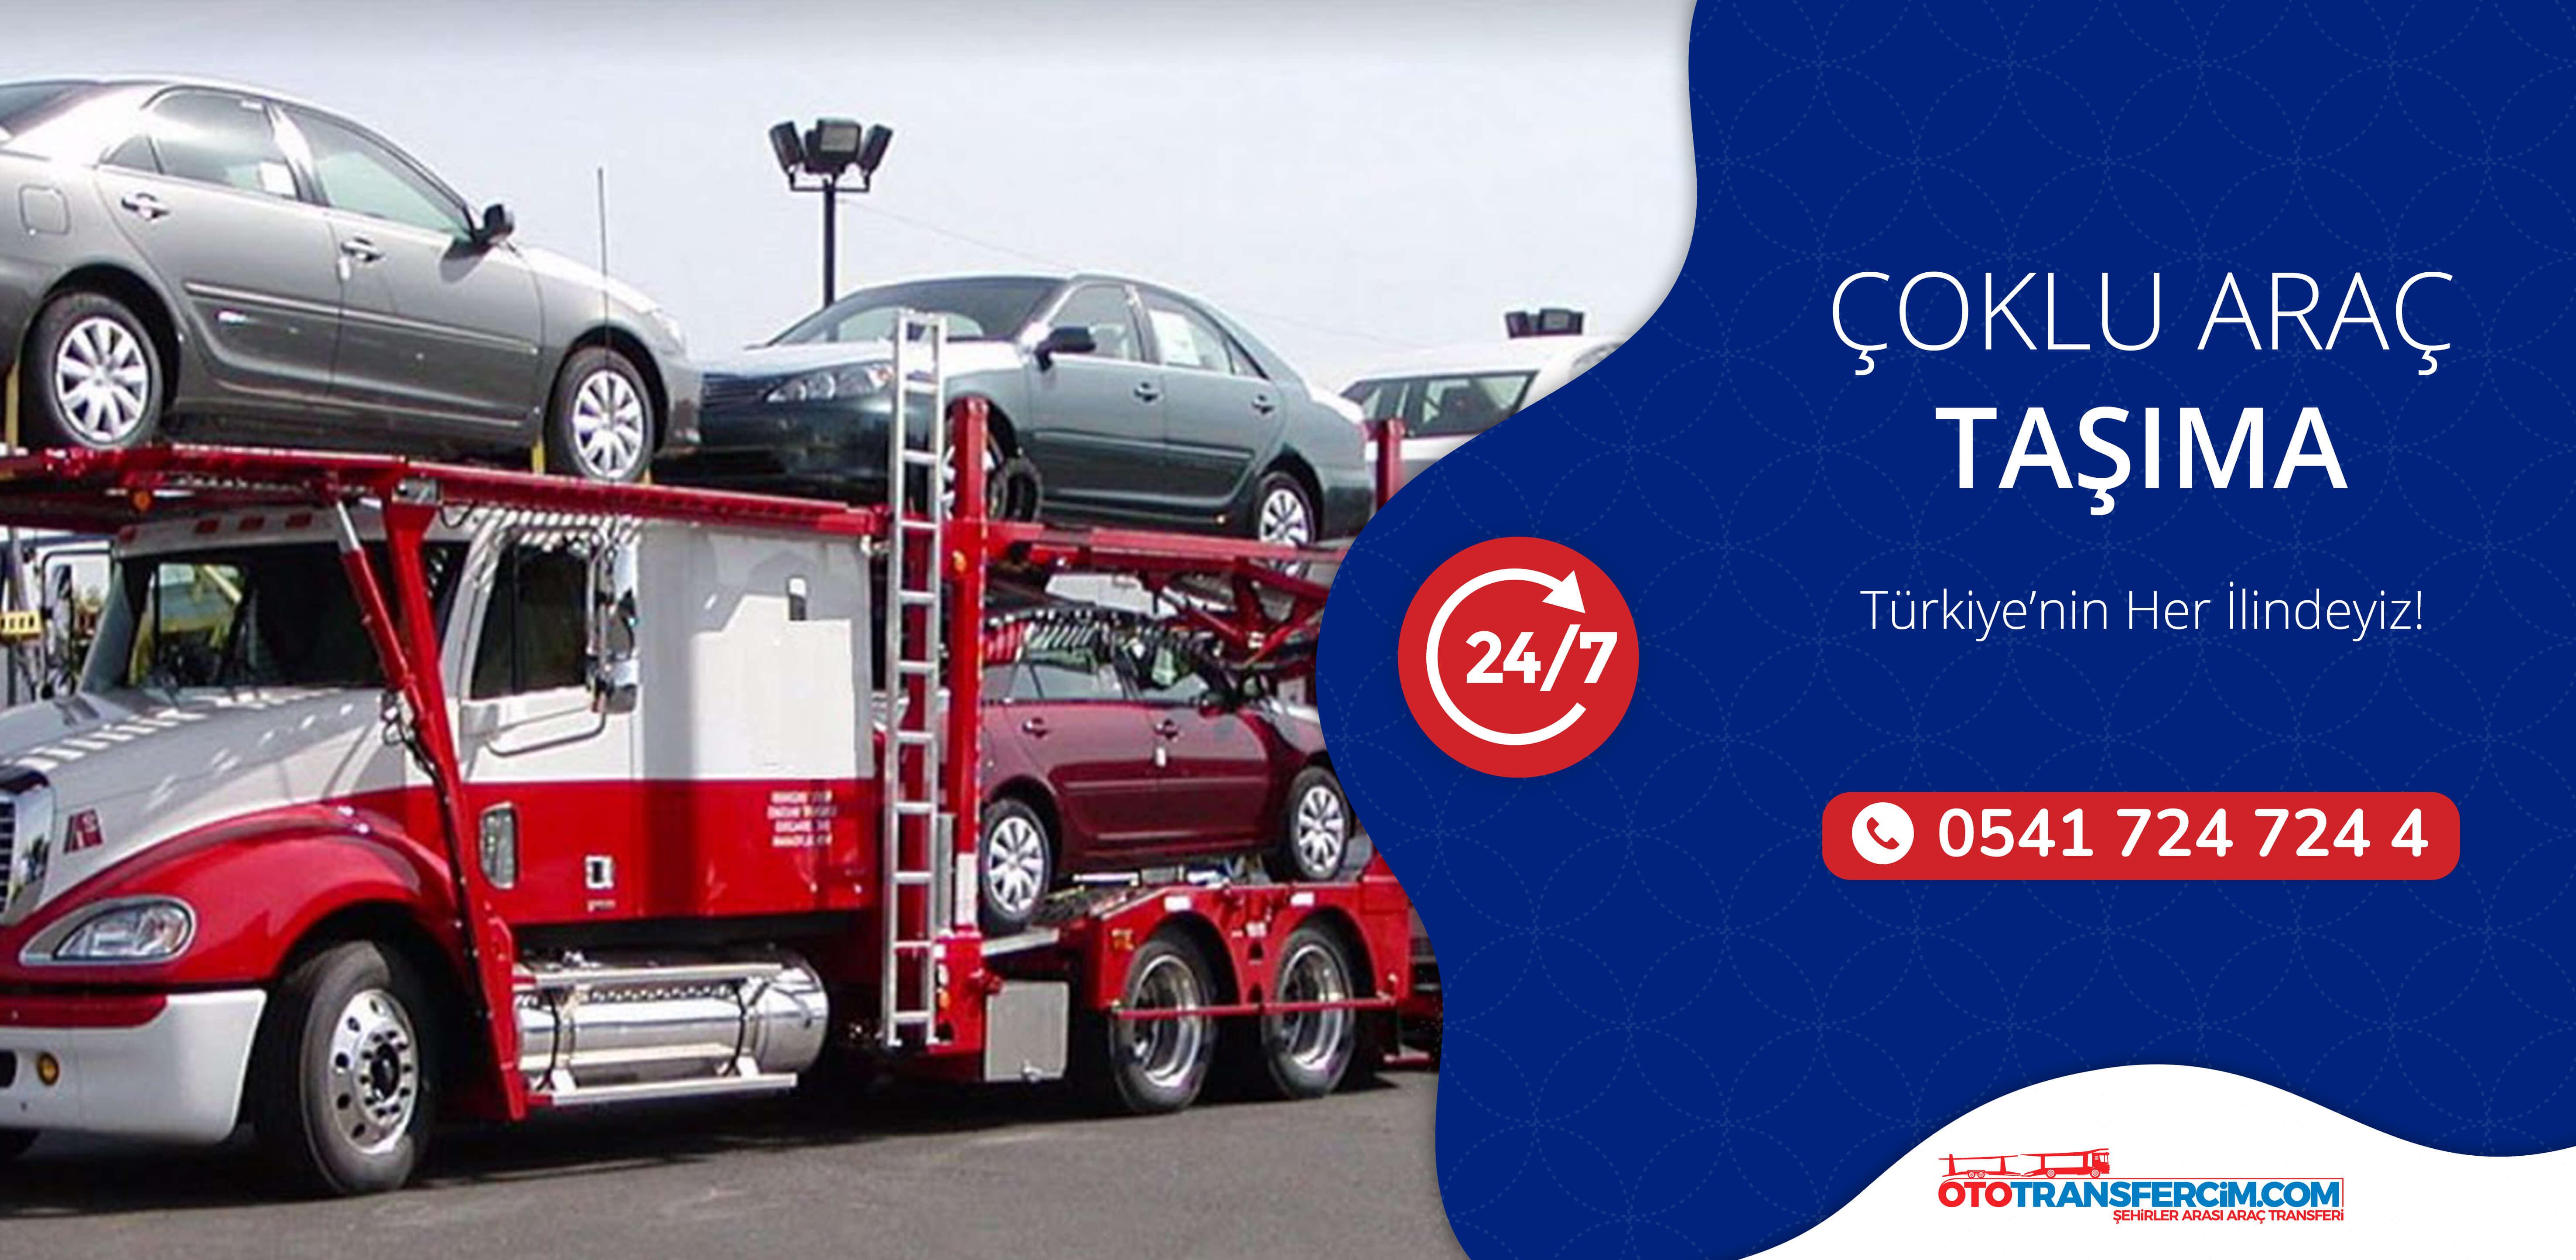 Merkezefendi - Trabzon Şehirler Arası Oto Çekici Çoklu Araç Taşıma semtinin neresinde olursanız olun! Yolda kaldığınız da 0541 724 724 4 nolu telefondan bize ulaşın, Merkezefendi - Trabzon Şehirler Arası Oto Çekici Çoklu Araç Taşıma Çekicimizi hemen yönlendirelim